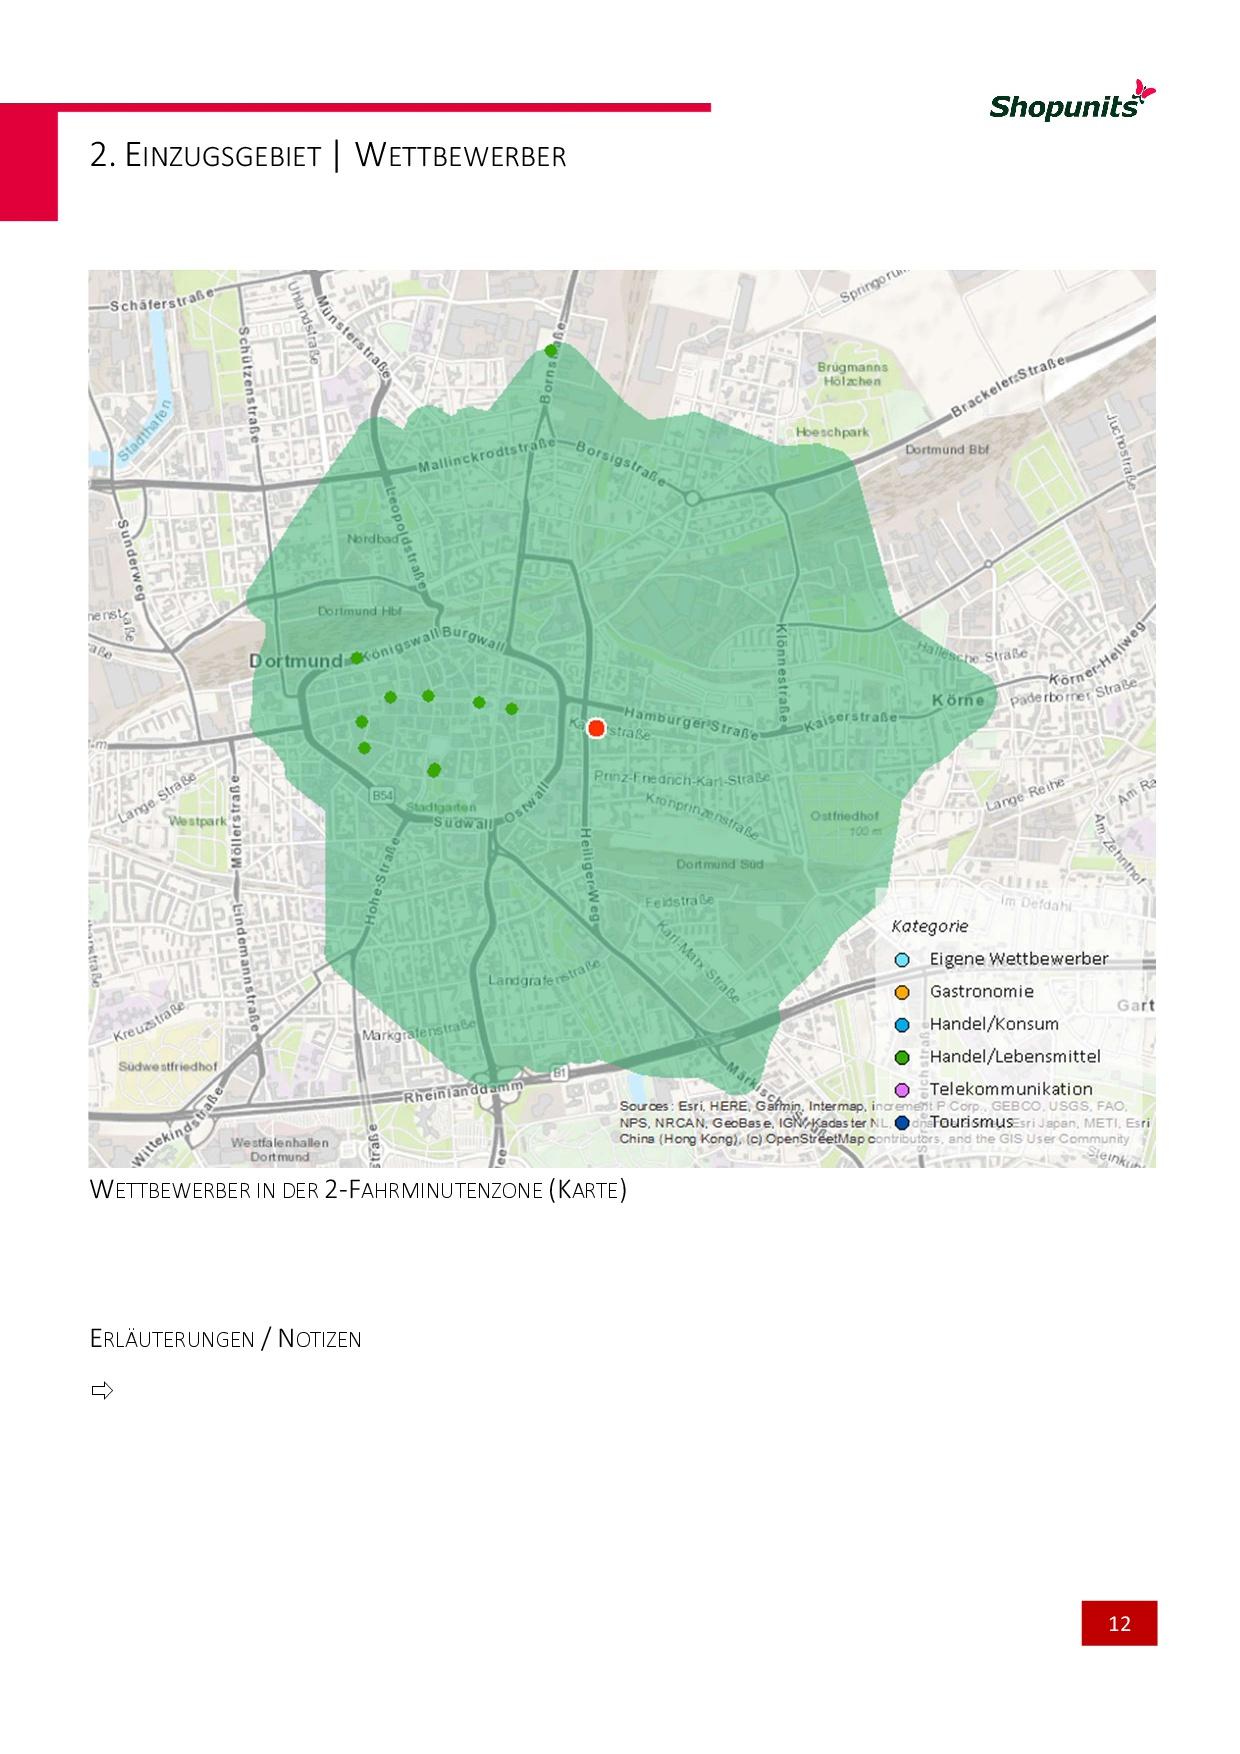 Go*Local - Online-Analysen für Markt, Standort und Wettbewerb, hier: Wettbewerber im Einzugsgebiet